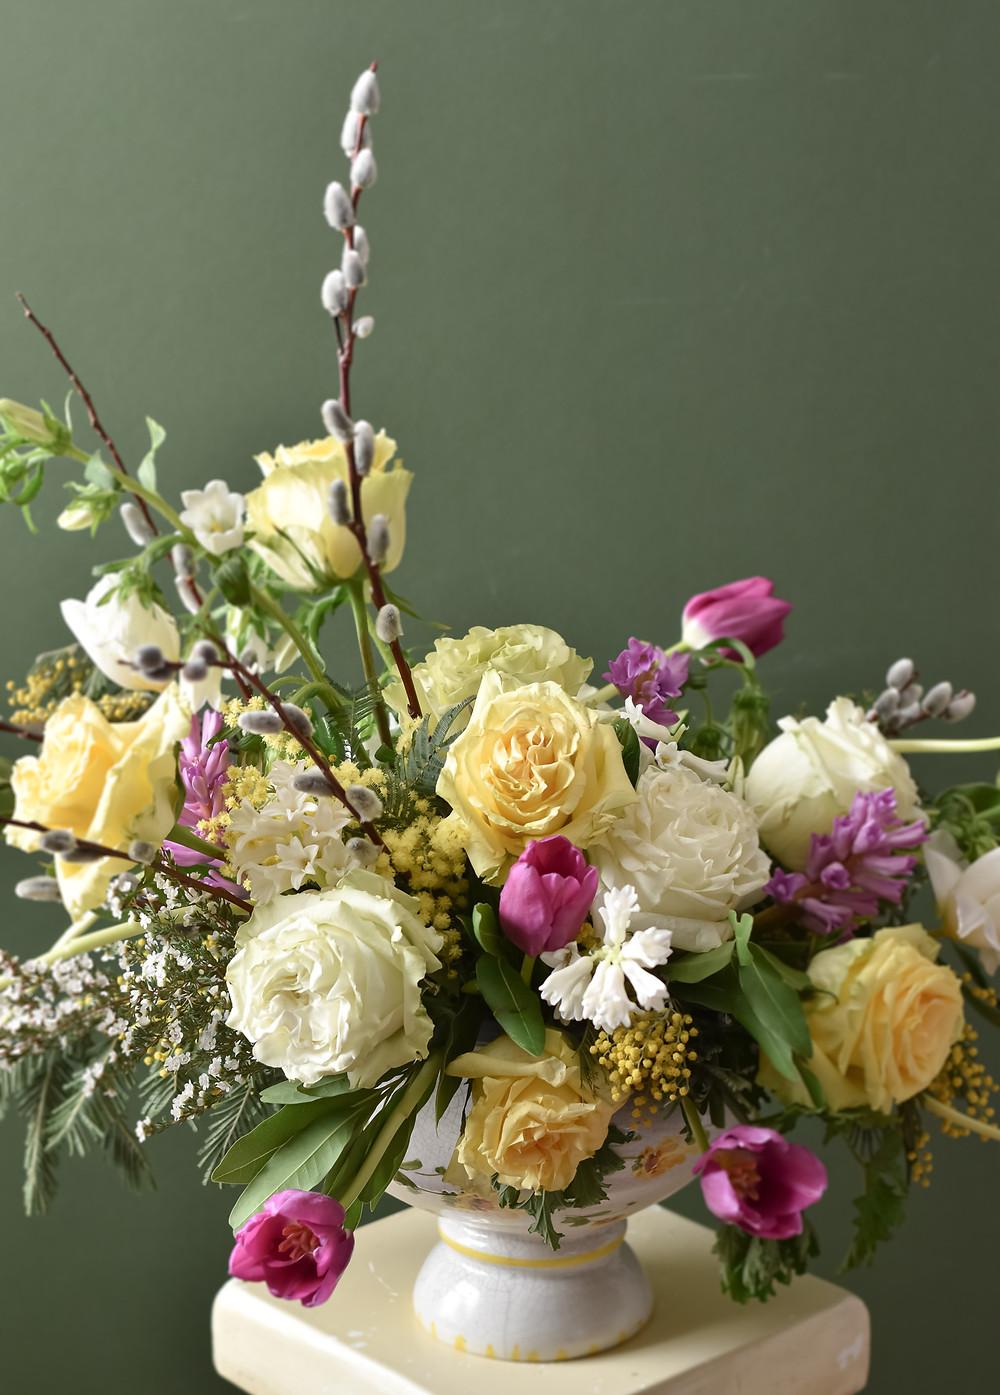 Heaven Scent Floral Design Studio - Spring Floral Arrangement